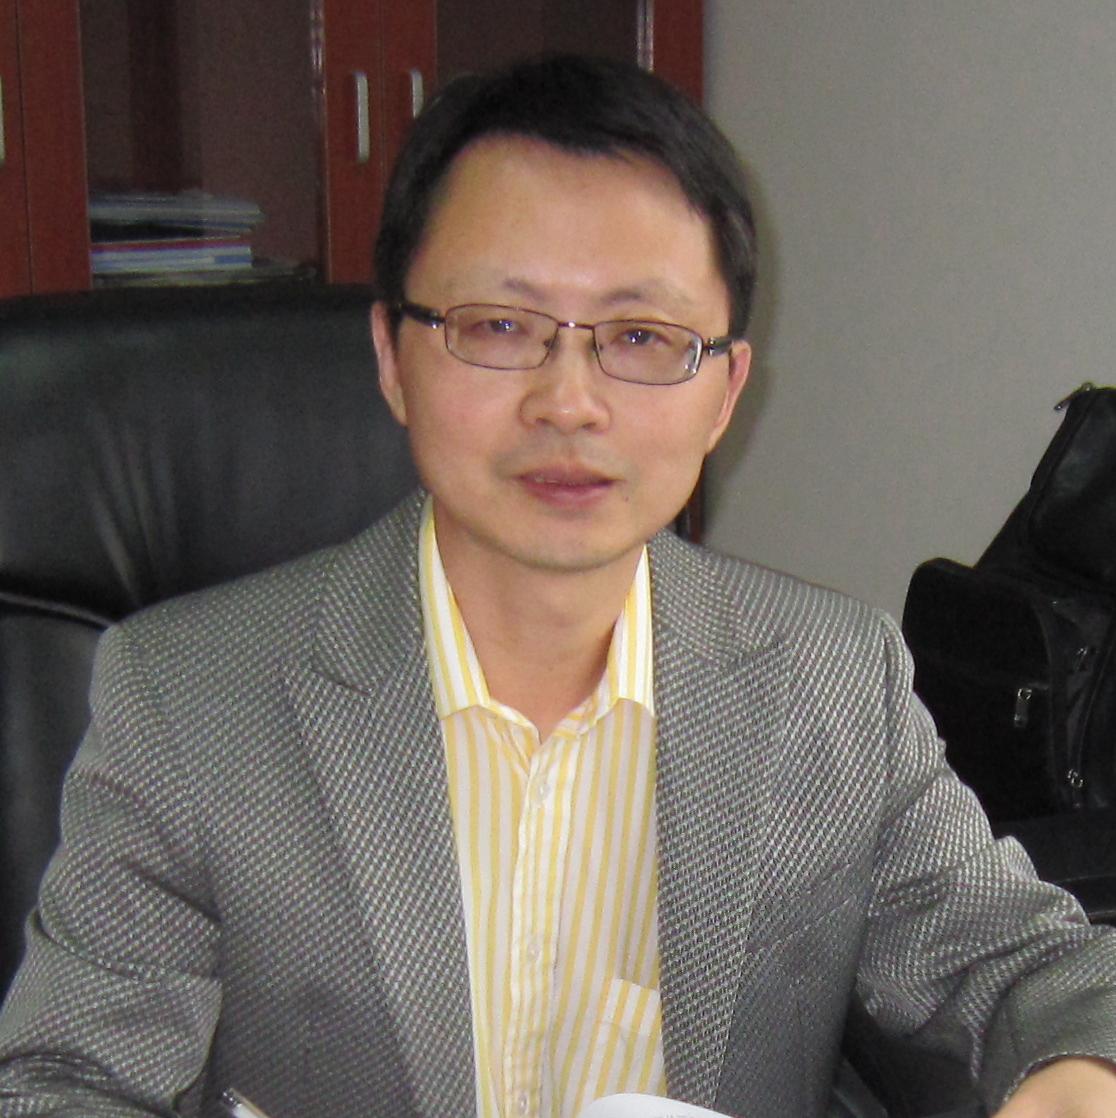 安翰光电及上海安翰医疗科技有限公司执行总裁肖国华照片